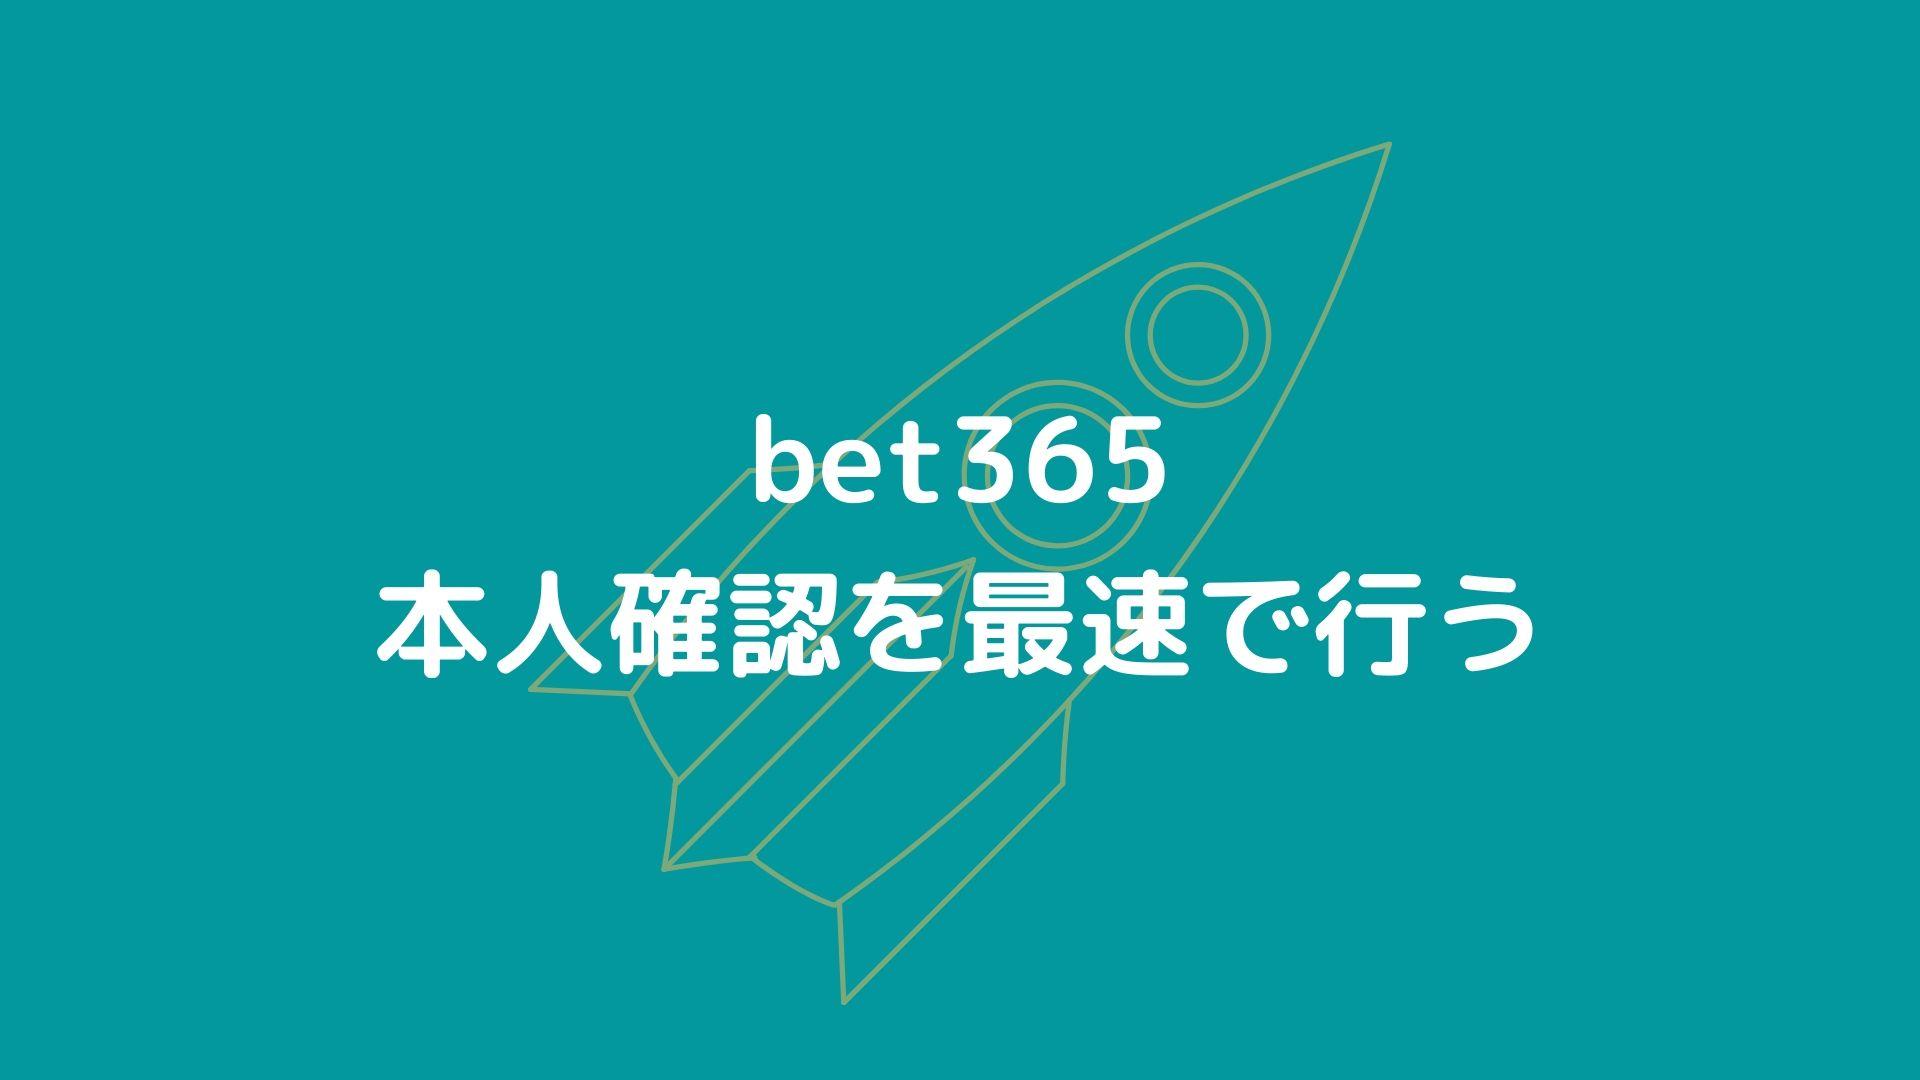 bet365,本人確認